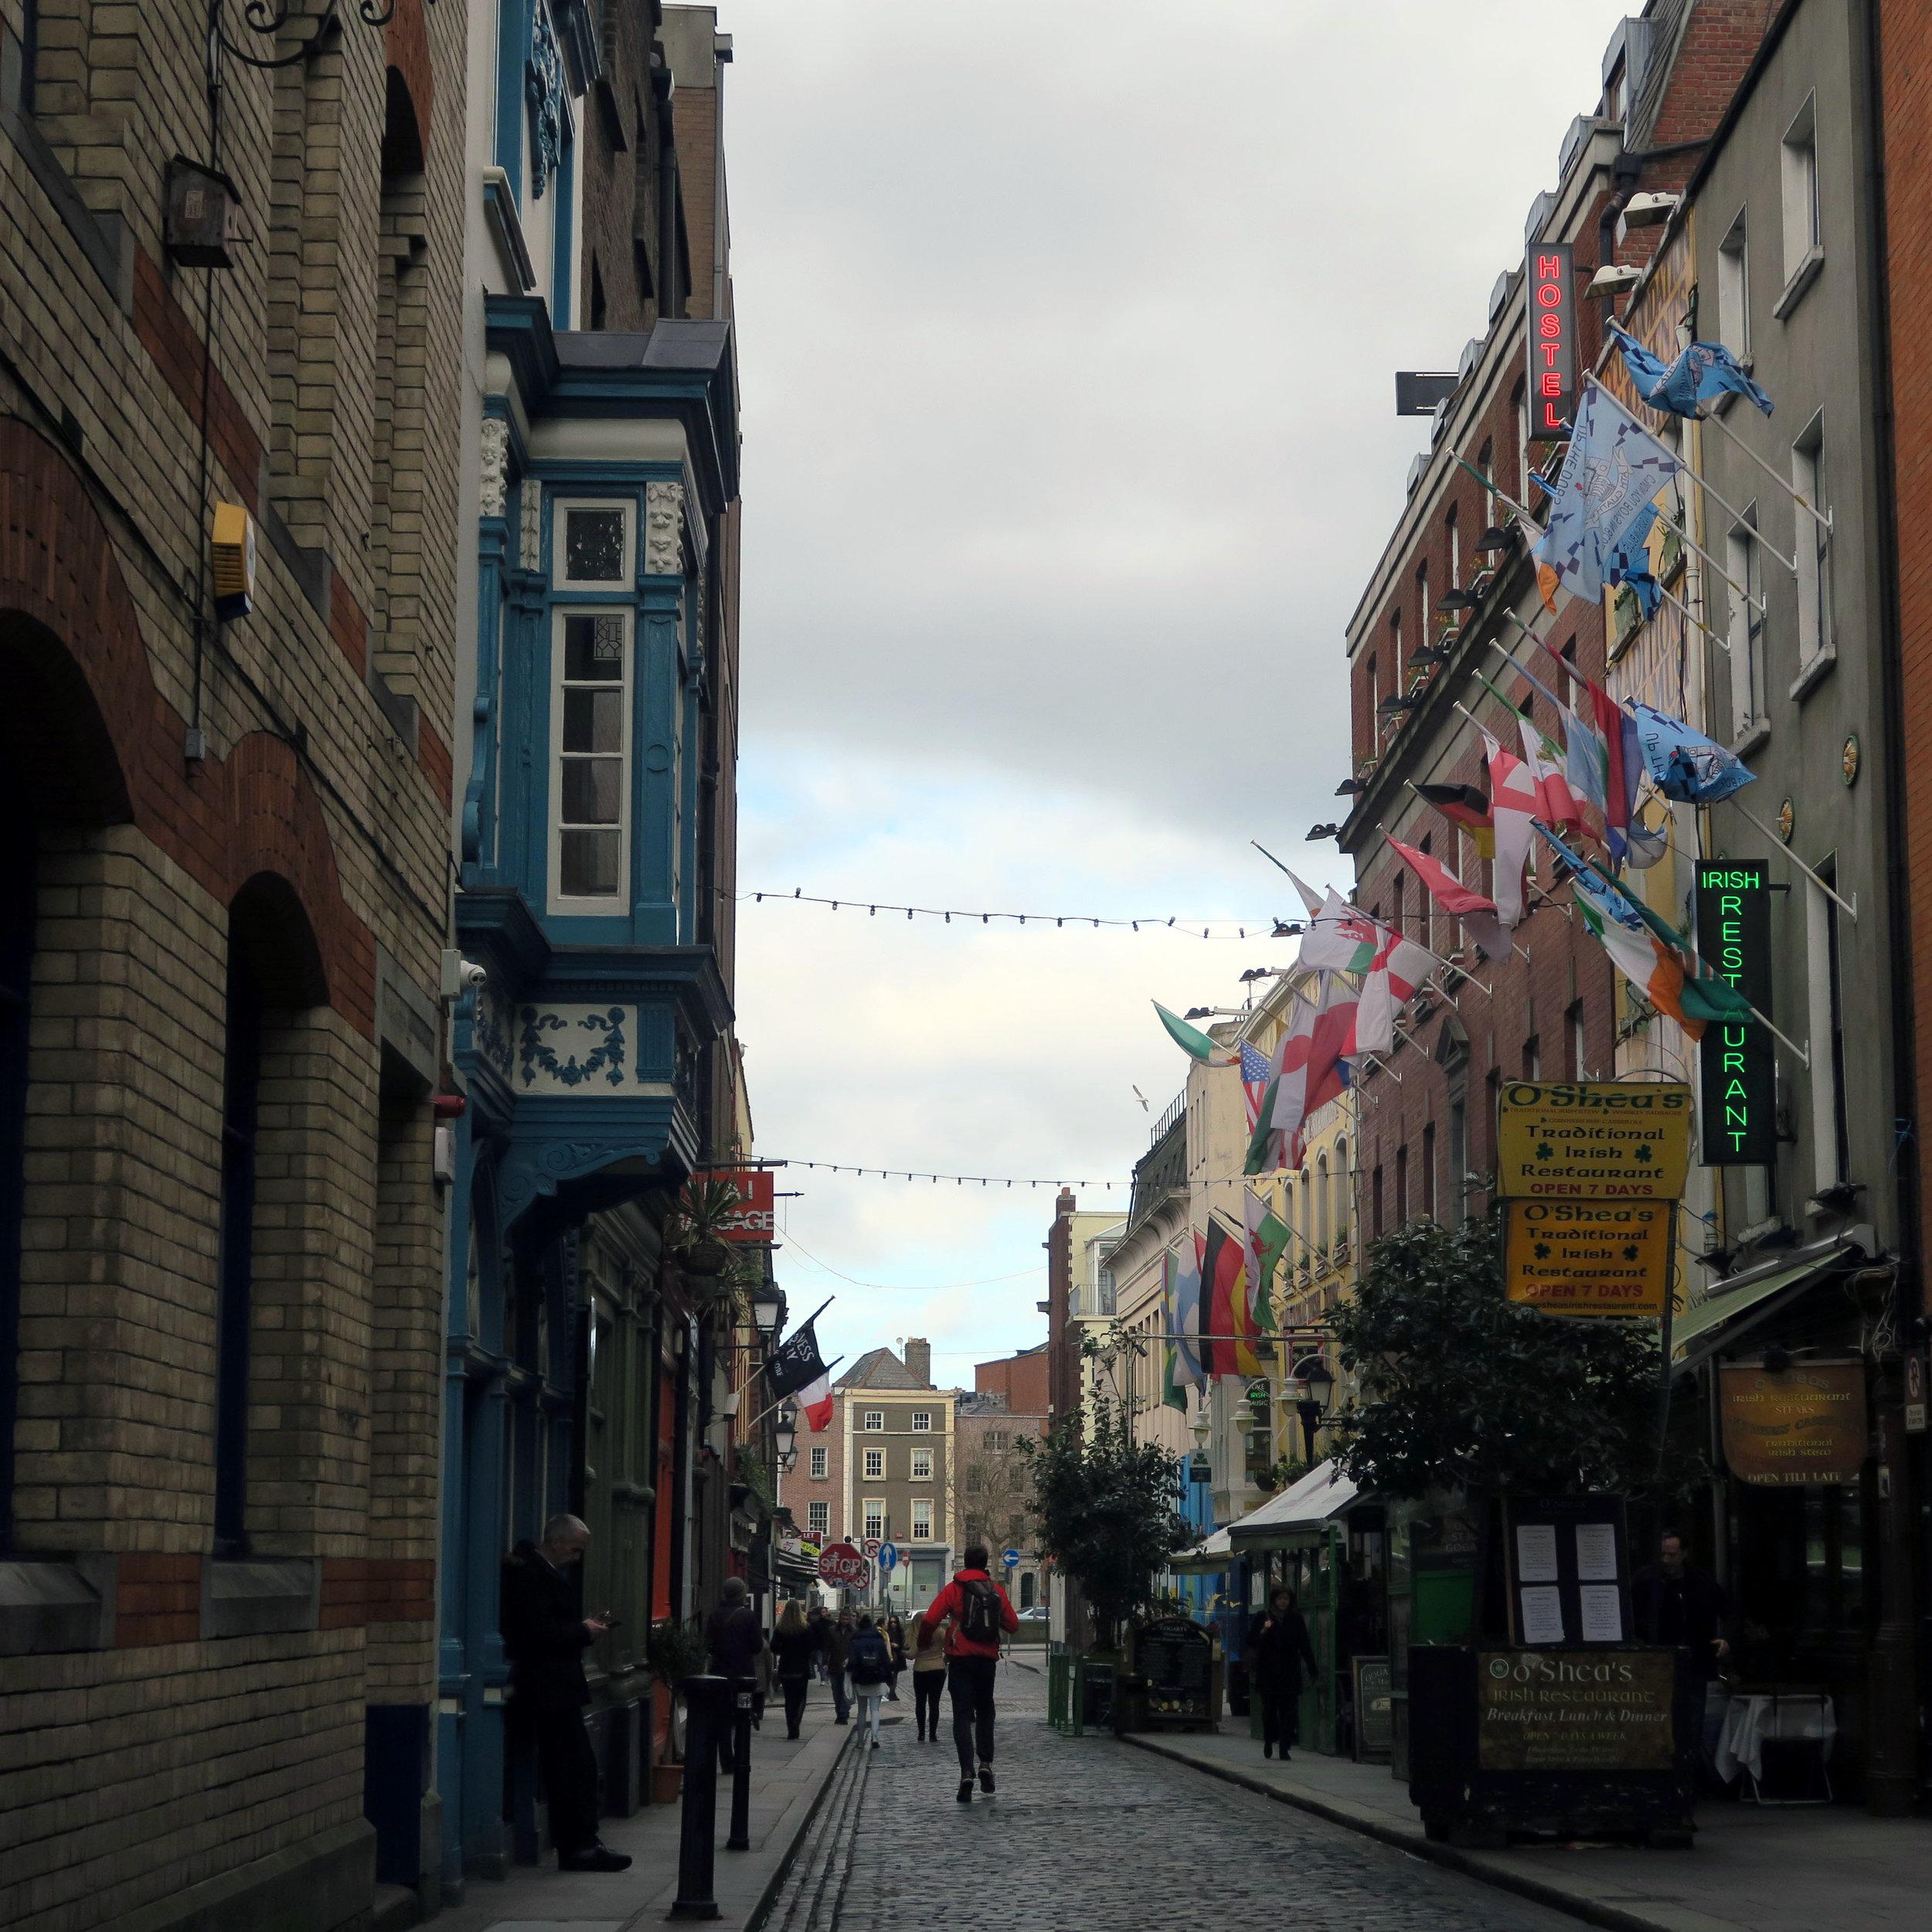 DublinTempleBar.jpg